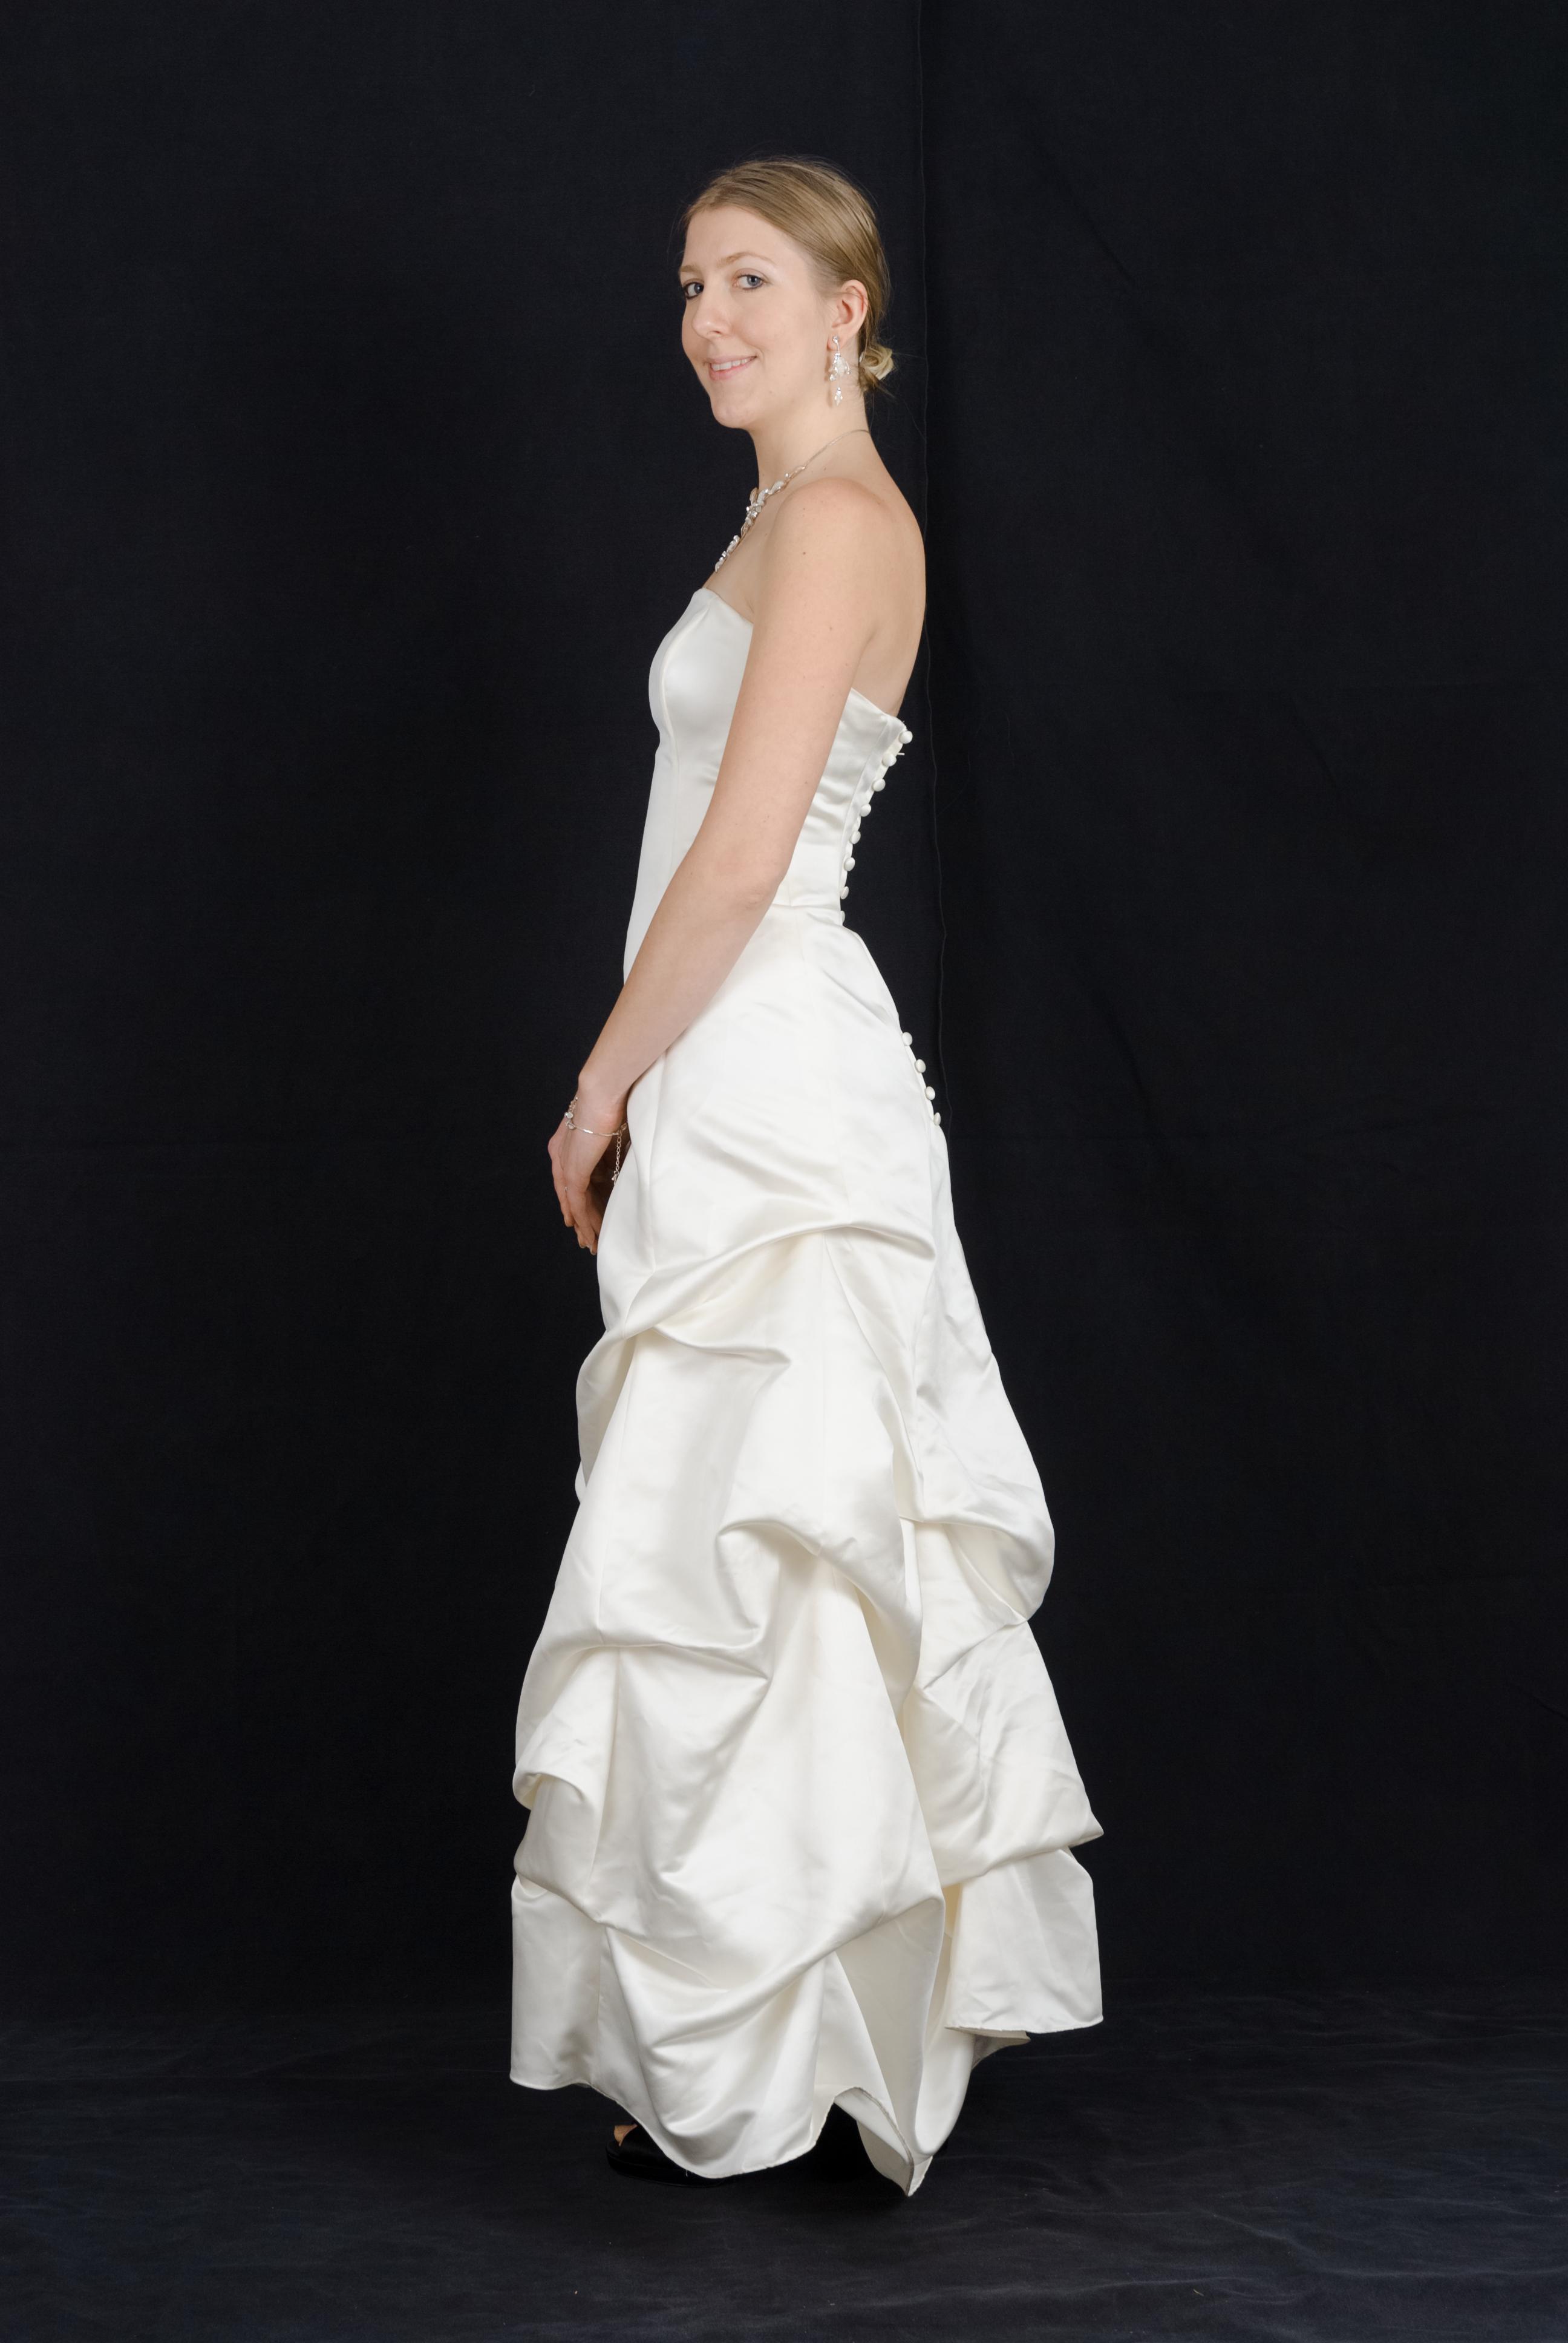 Wedding Dress Side Profile By Danika Stock On Deviantart